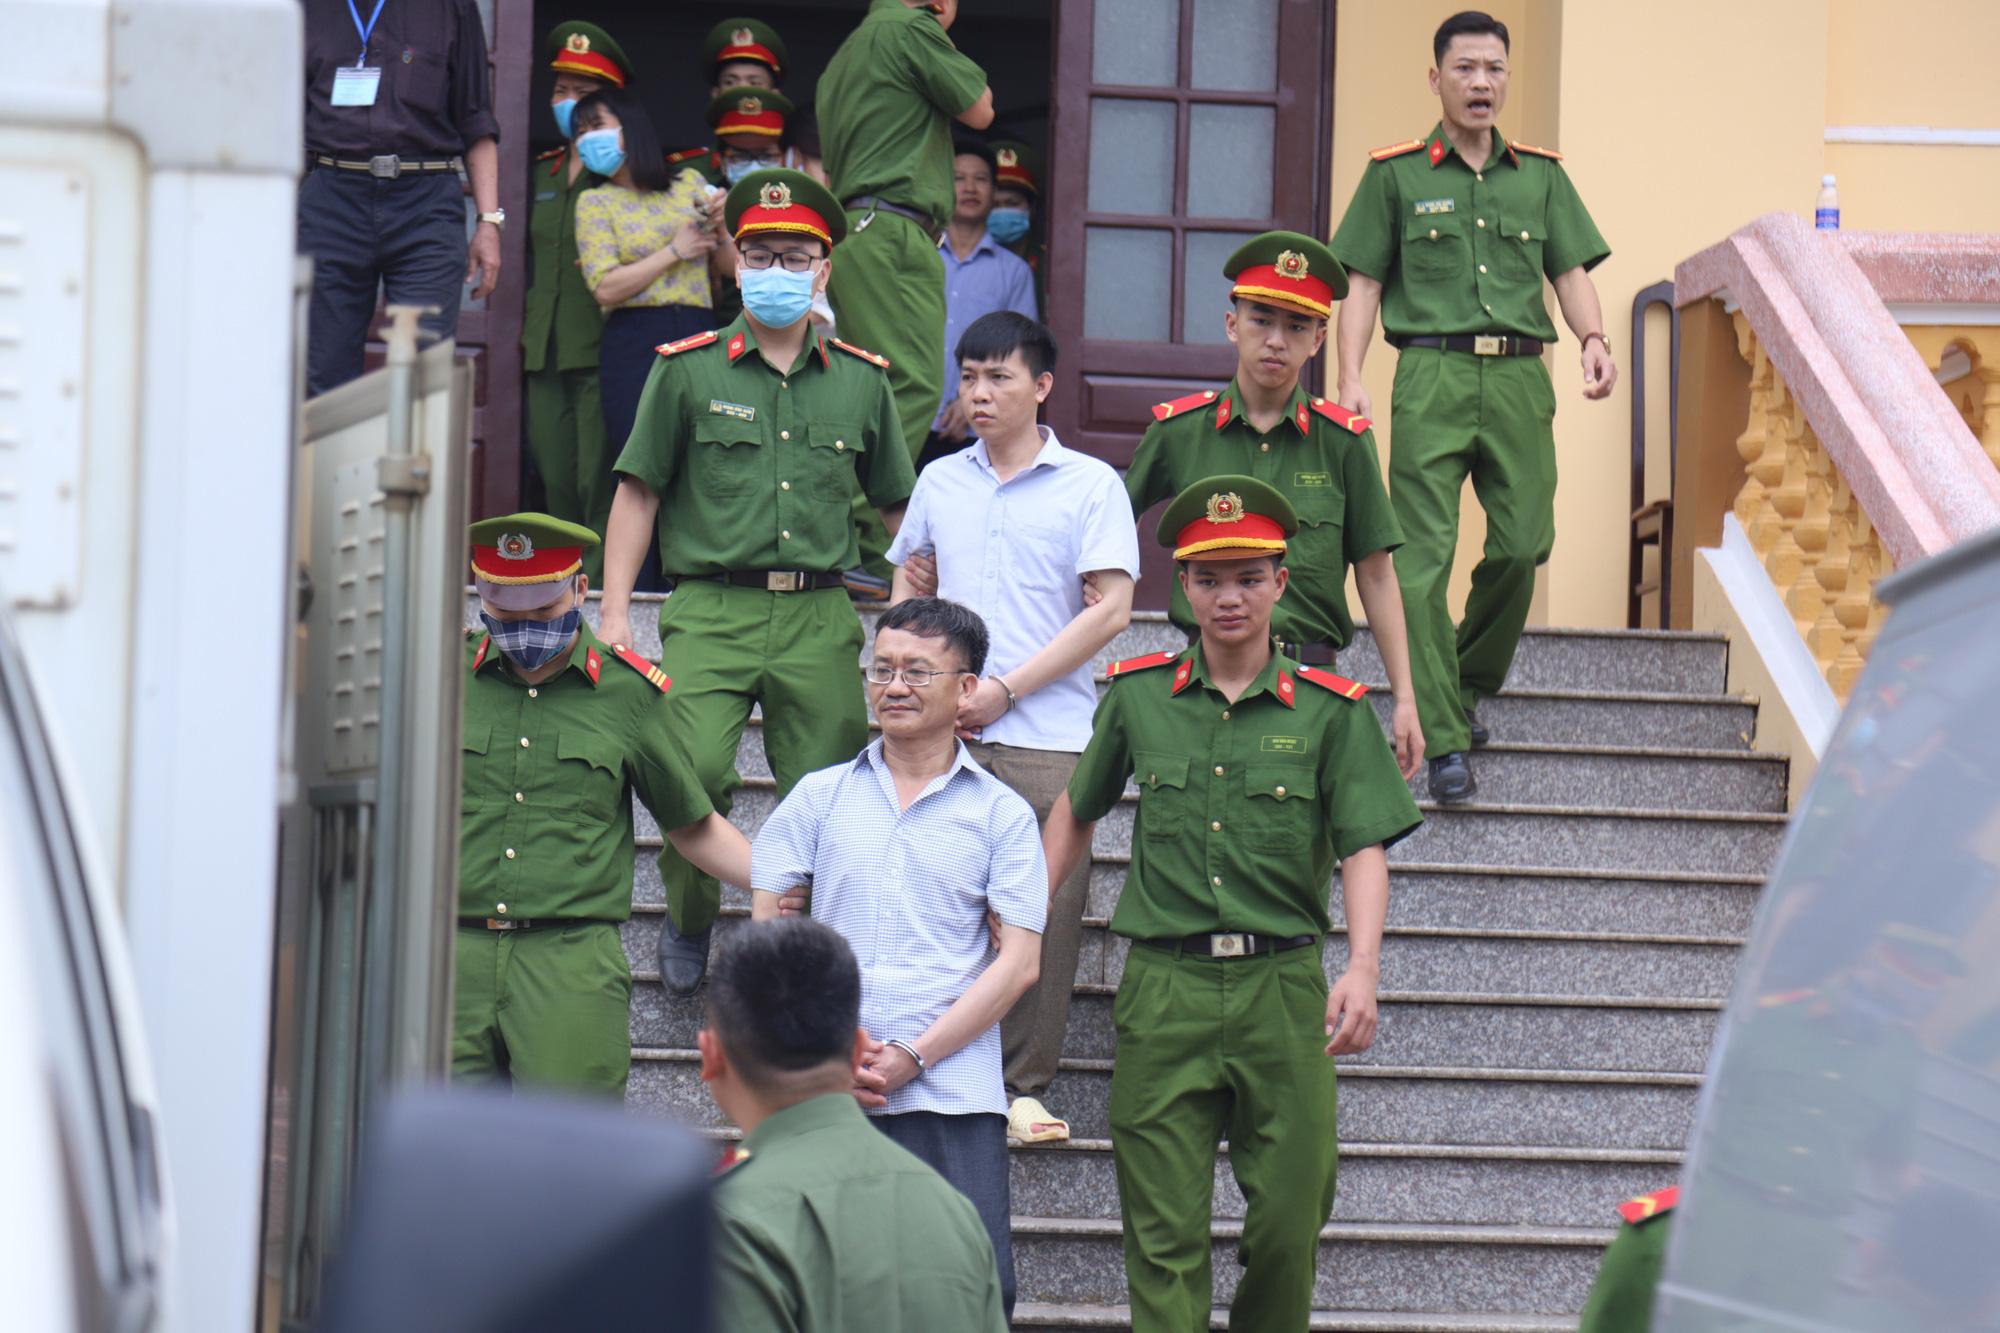 Gian lận thi cử ở Hòa Bình: Nguyên trưởng phòng An ninh nói bị vu khống, không có phụ huynh nào nhờ can thiệp nâng điểm - Ảnh 2.